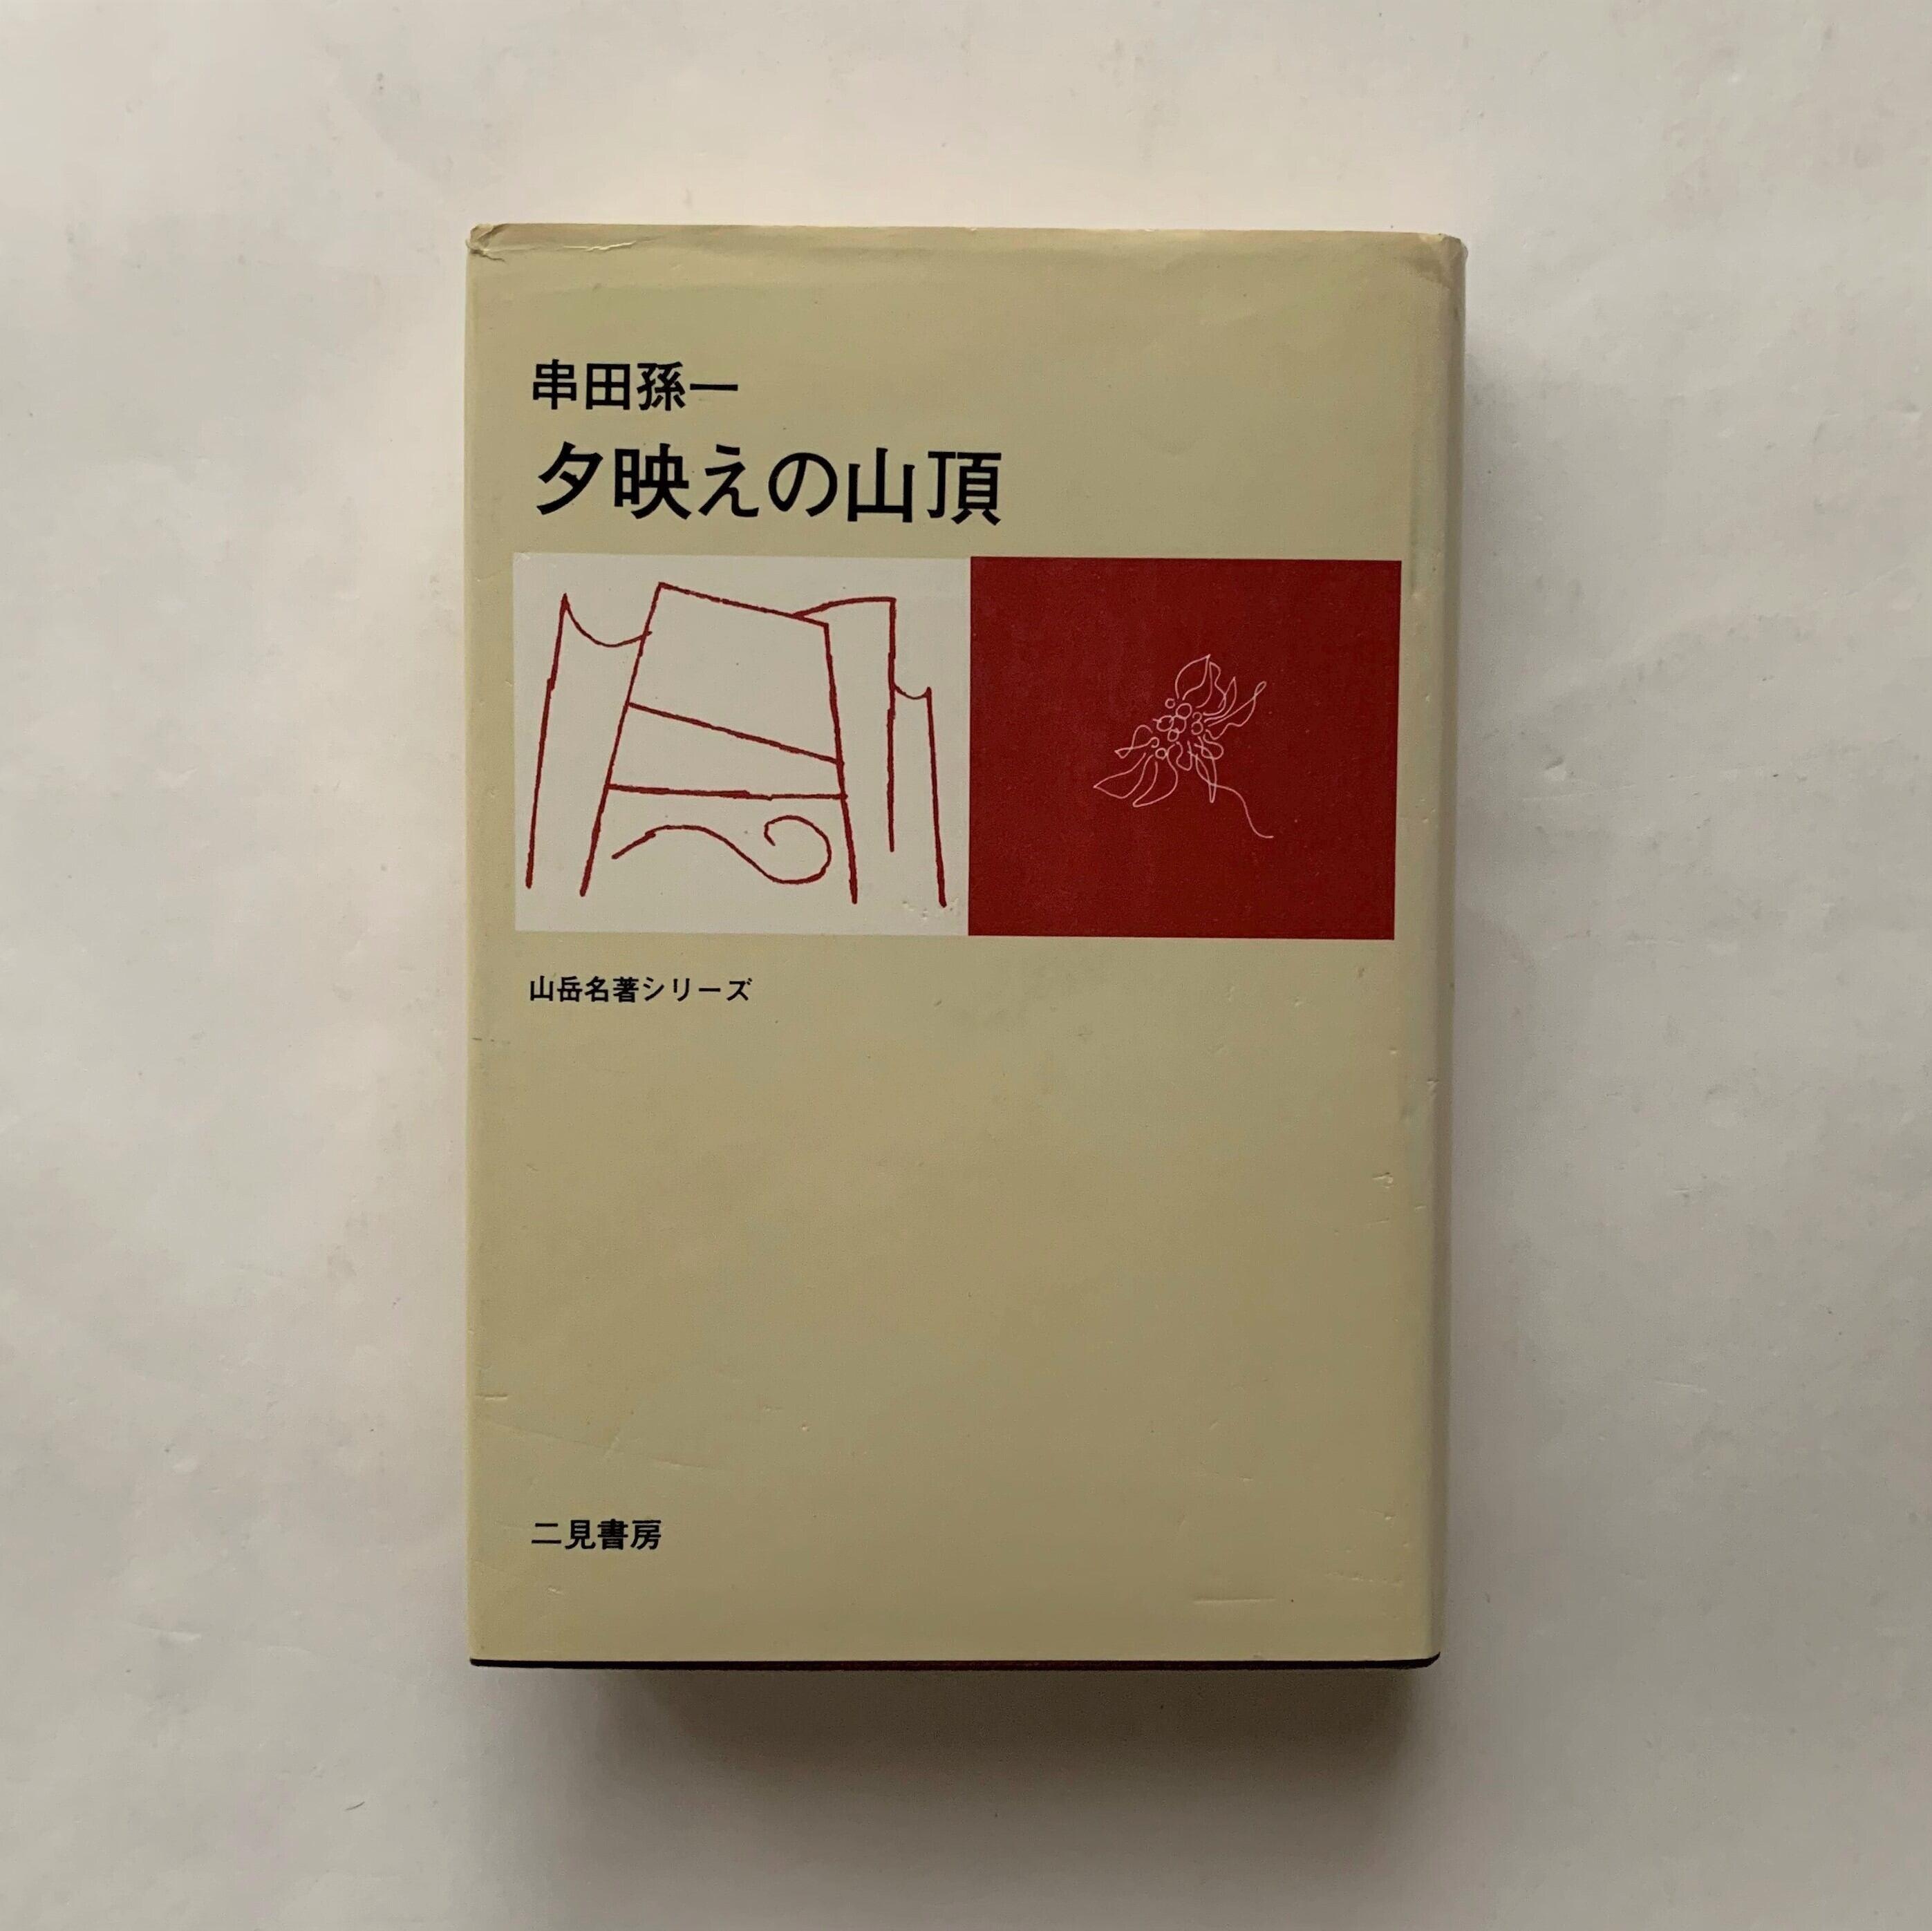 夕映えの山頂  (山岳名著シリーズ) / 串田 孫一